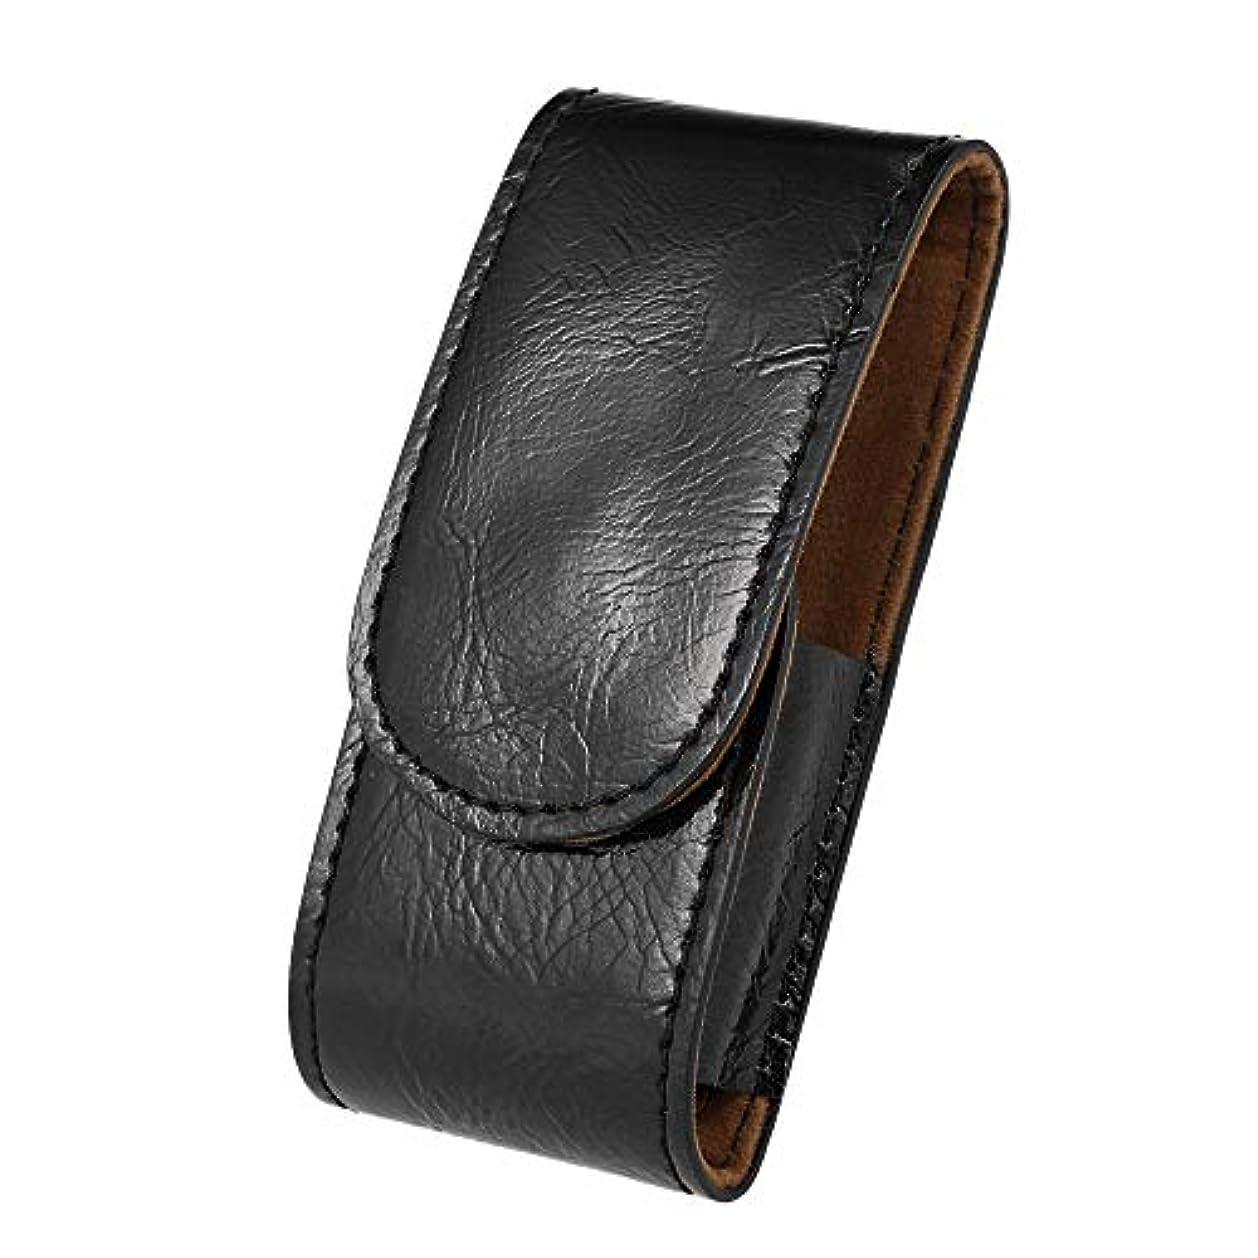 抑制クリームくまMen PU Leather Razor Pouch Shave Beard Shaver Handbag Pouch Safety Razor Case Storage Bag Double Edge Razor Holder